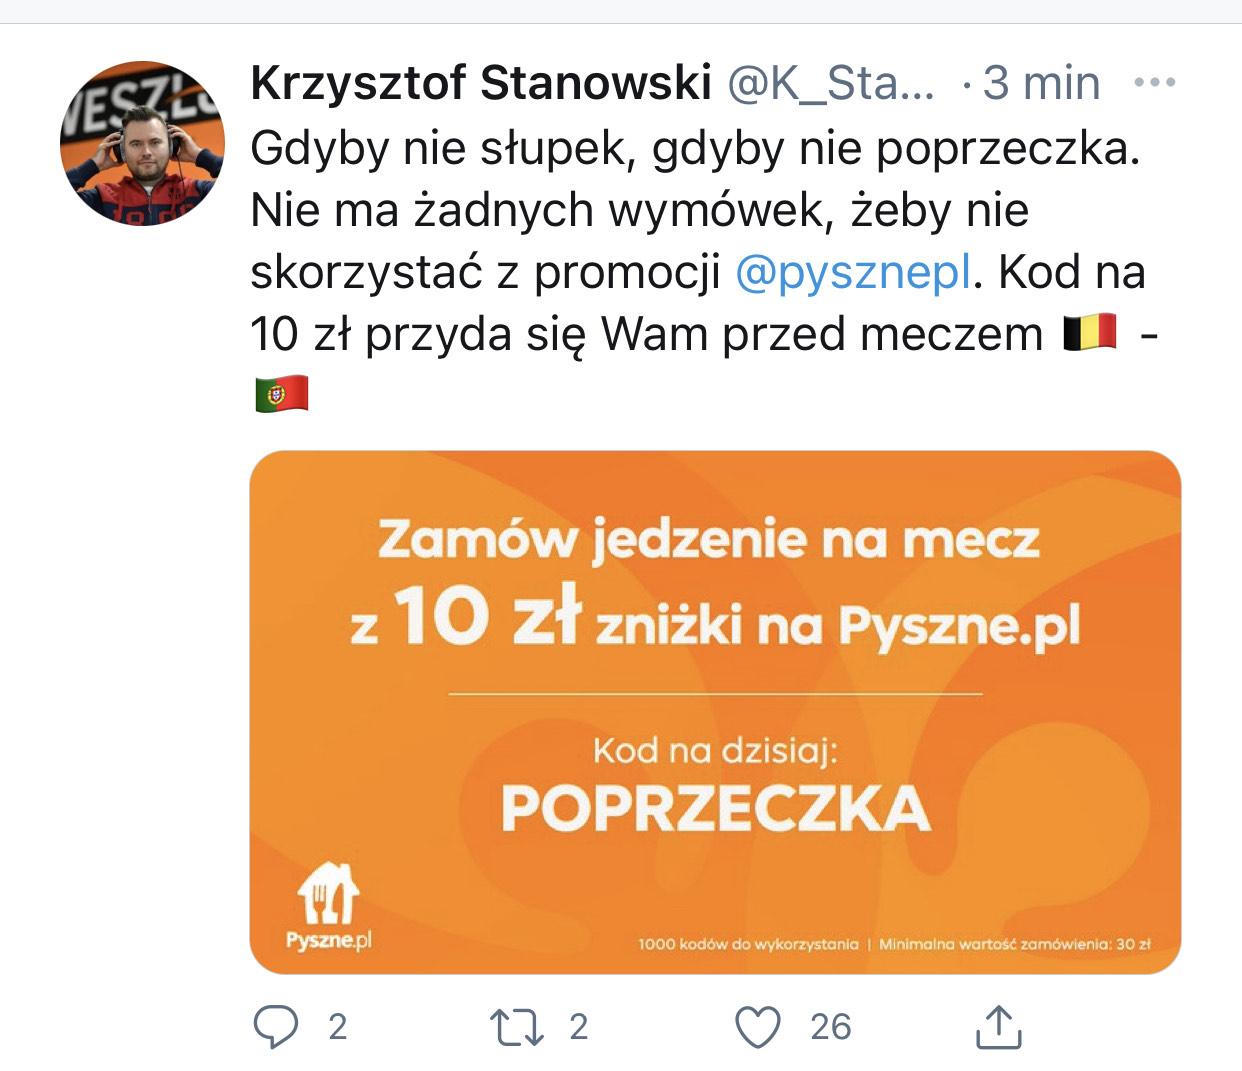 Pyszne.pl kod na 10 zł - mwz 30 zł